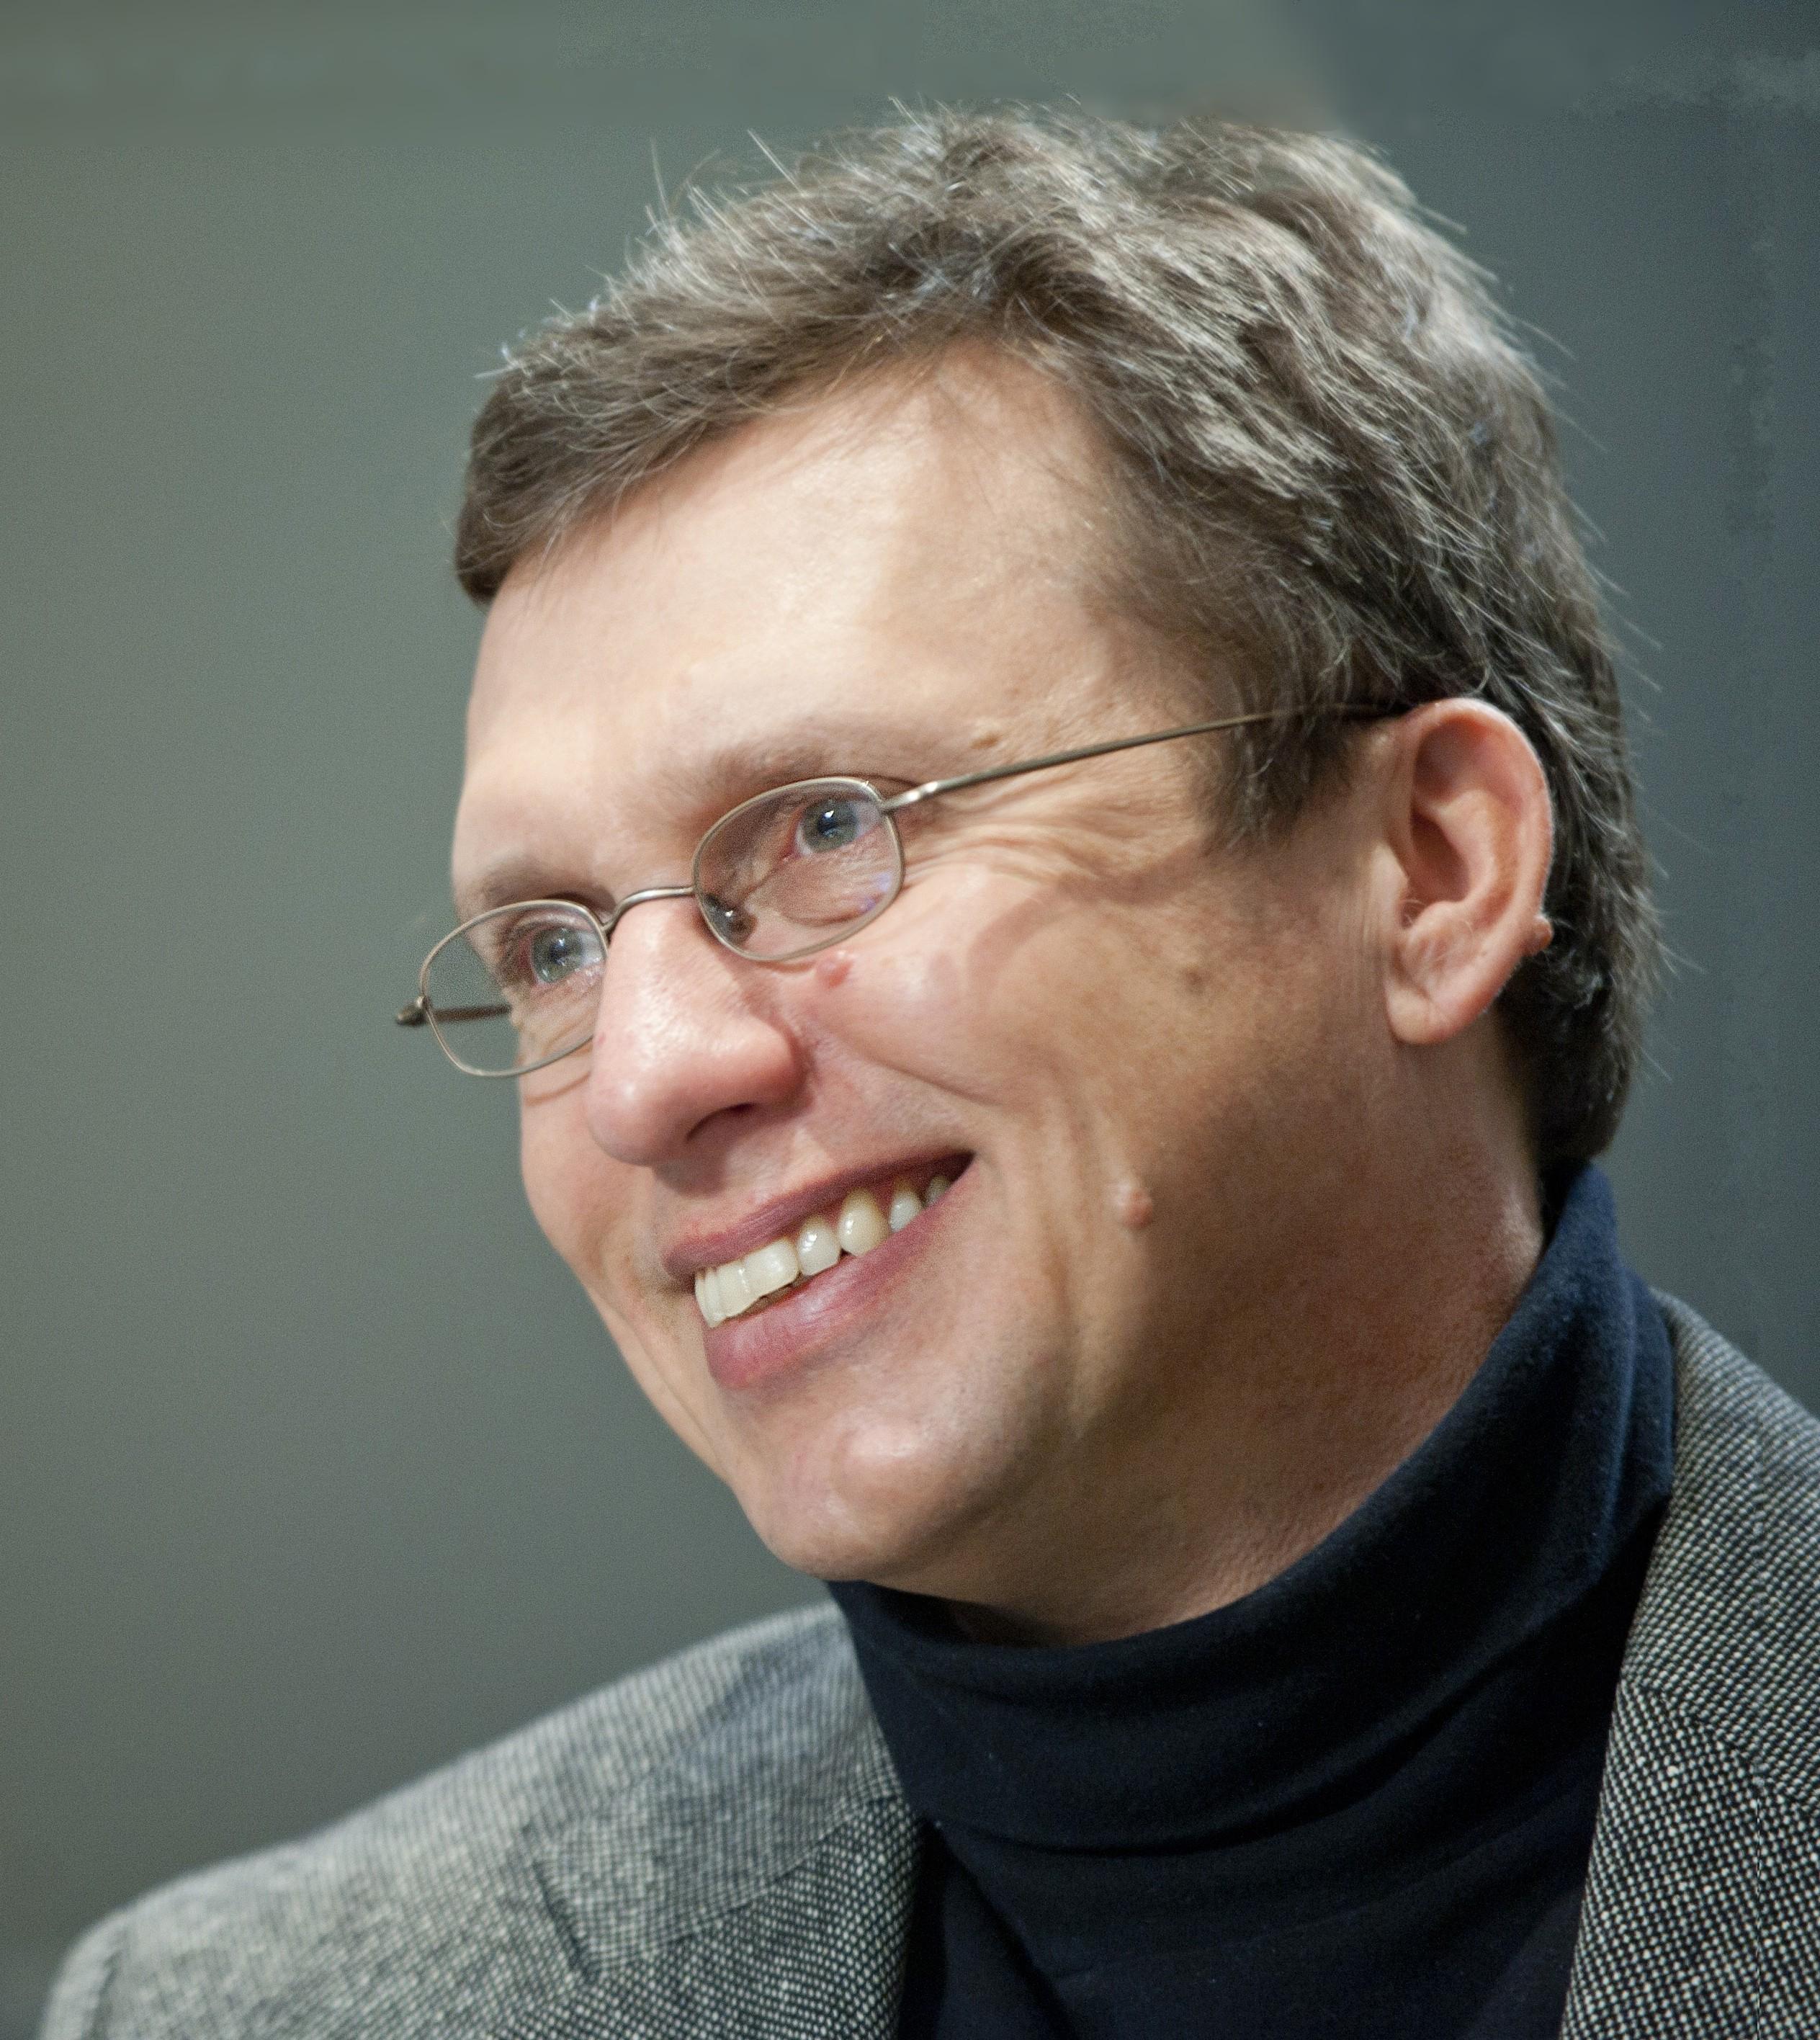 image of Detlef Weigel